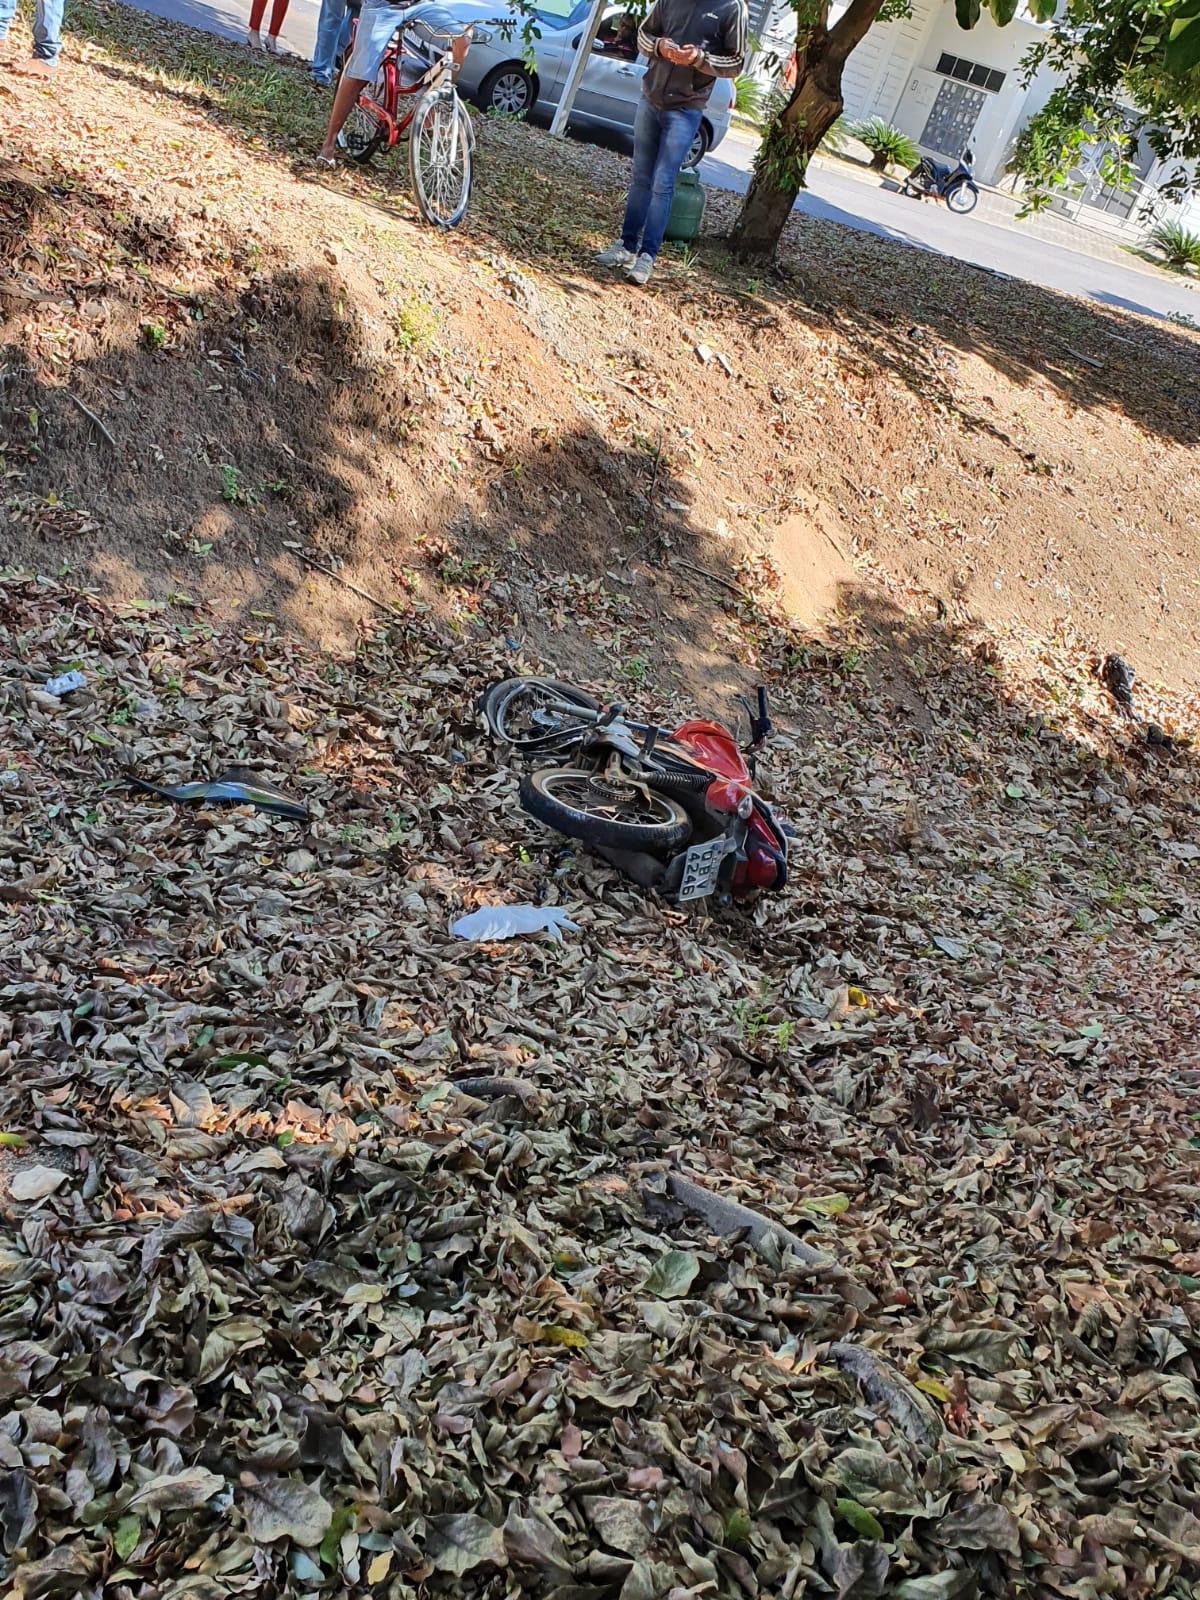 URGENTE: Colisão violenta entre motos deixa vítima fatal em Sinop 4